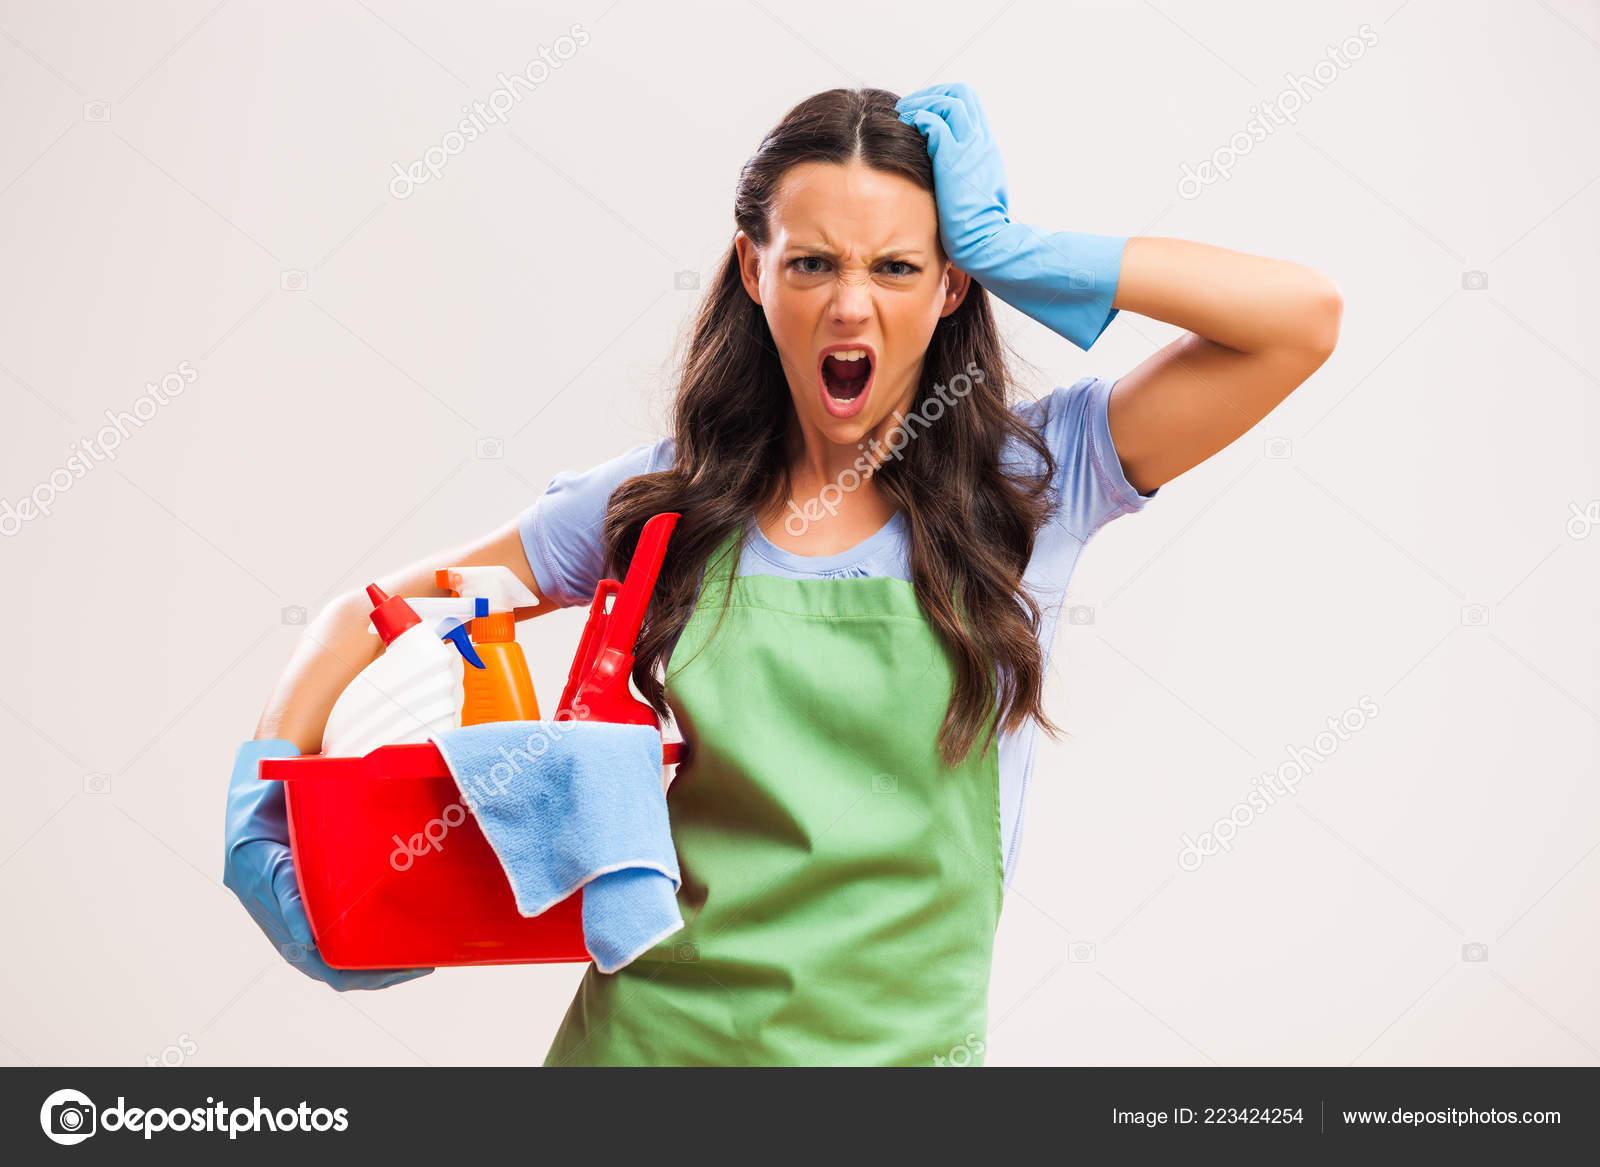 Organizace a realizace každodenních úkolů spojených s domácností často leží na bedrech ženy, která vše musí navíc skloubit i se svým.